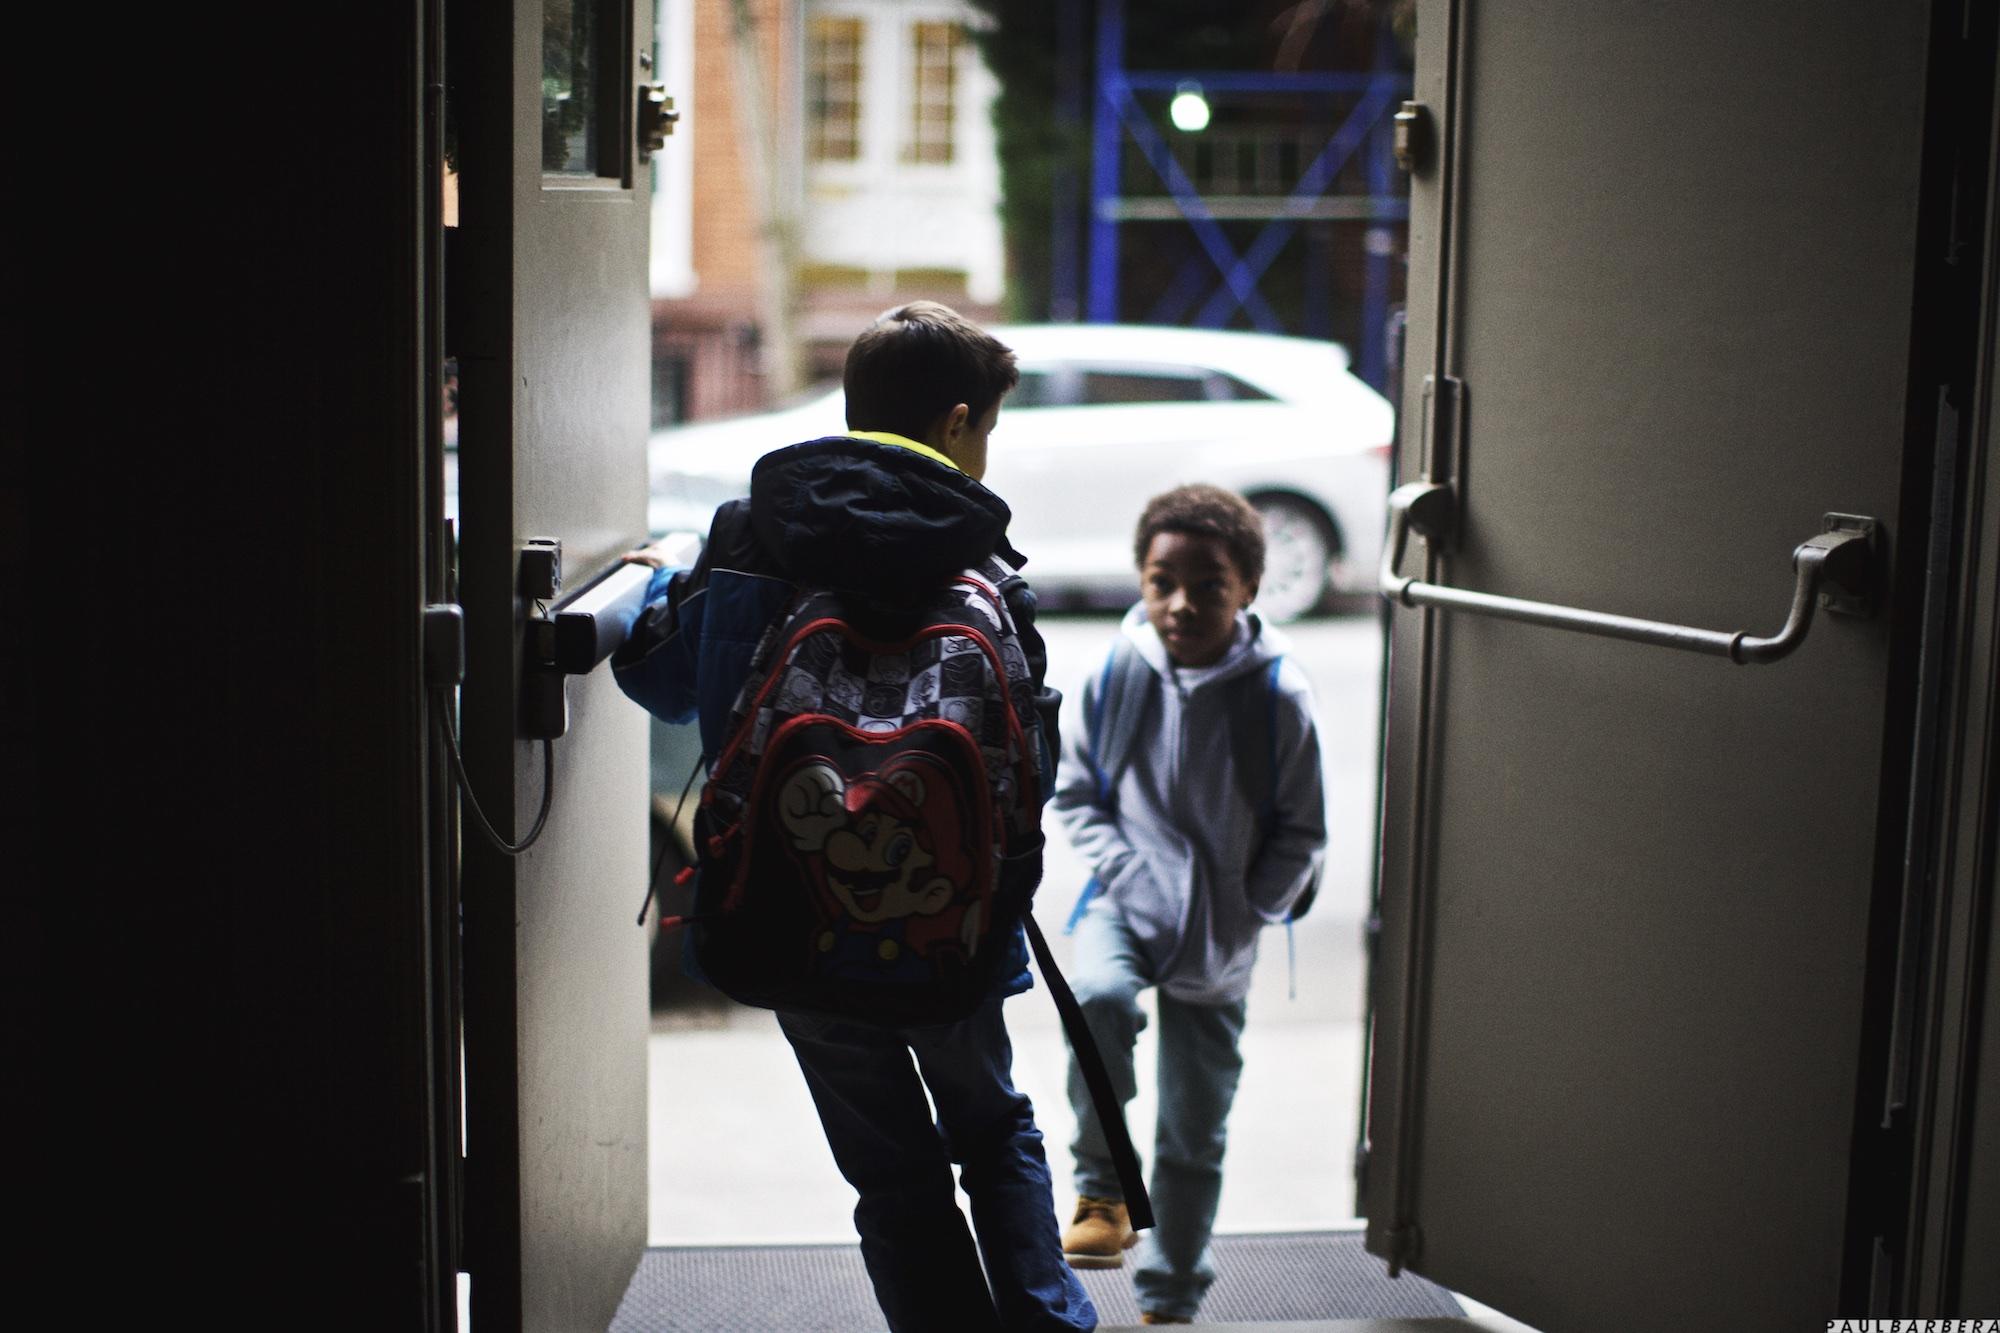 Kid walking into doorway